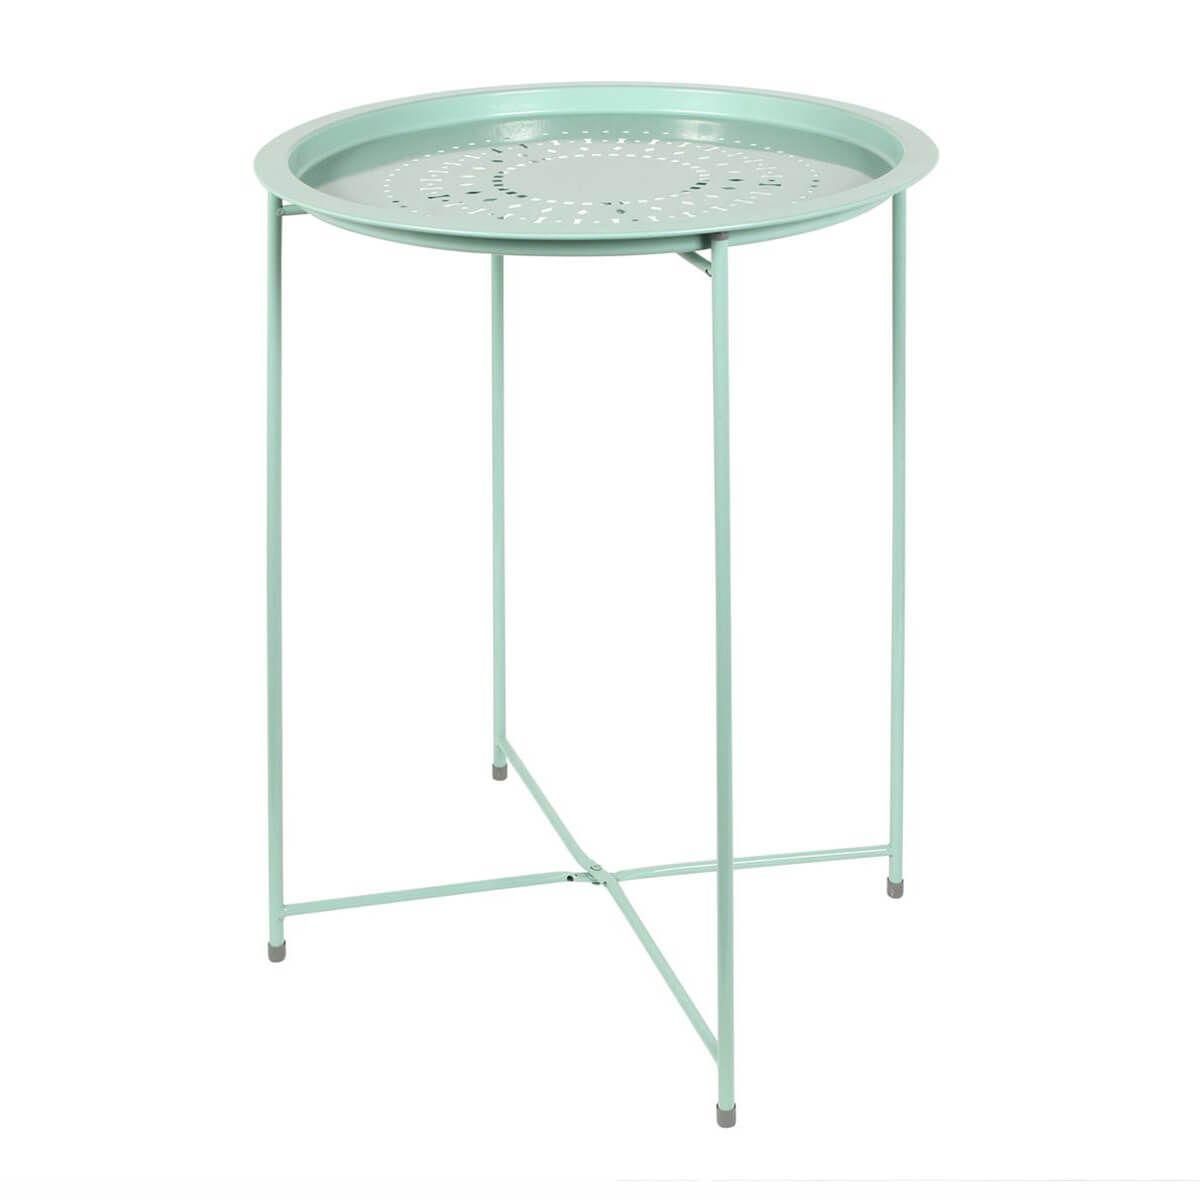 Table d'Appoint Ronde Métallique Vert d'Eau